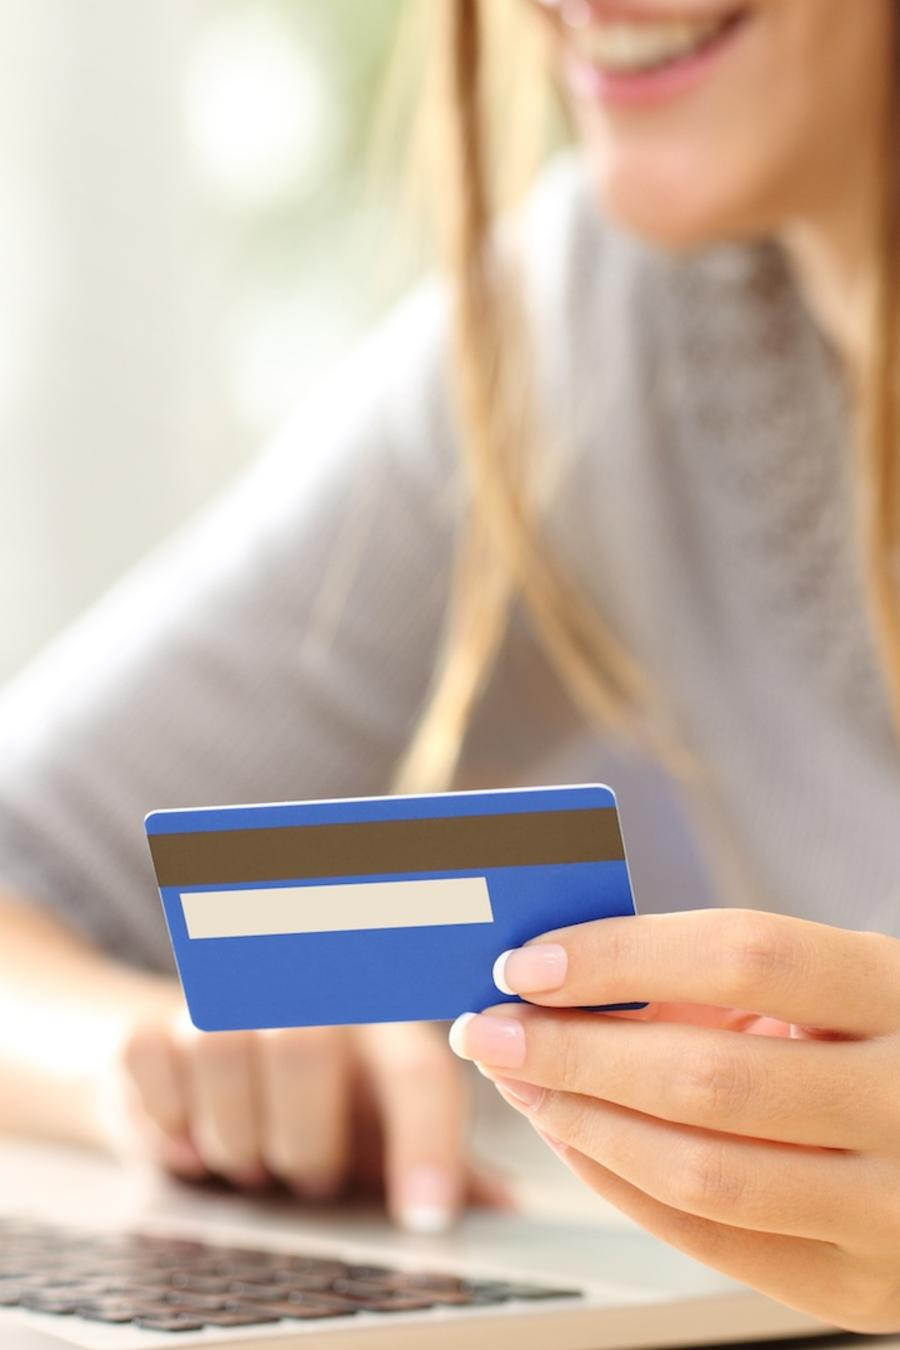 Mujer con tarjeta de crédito en la mano